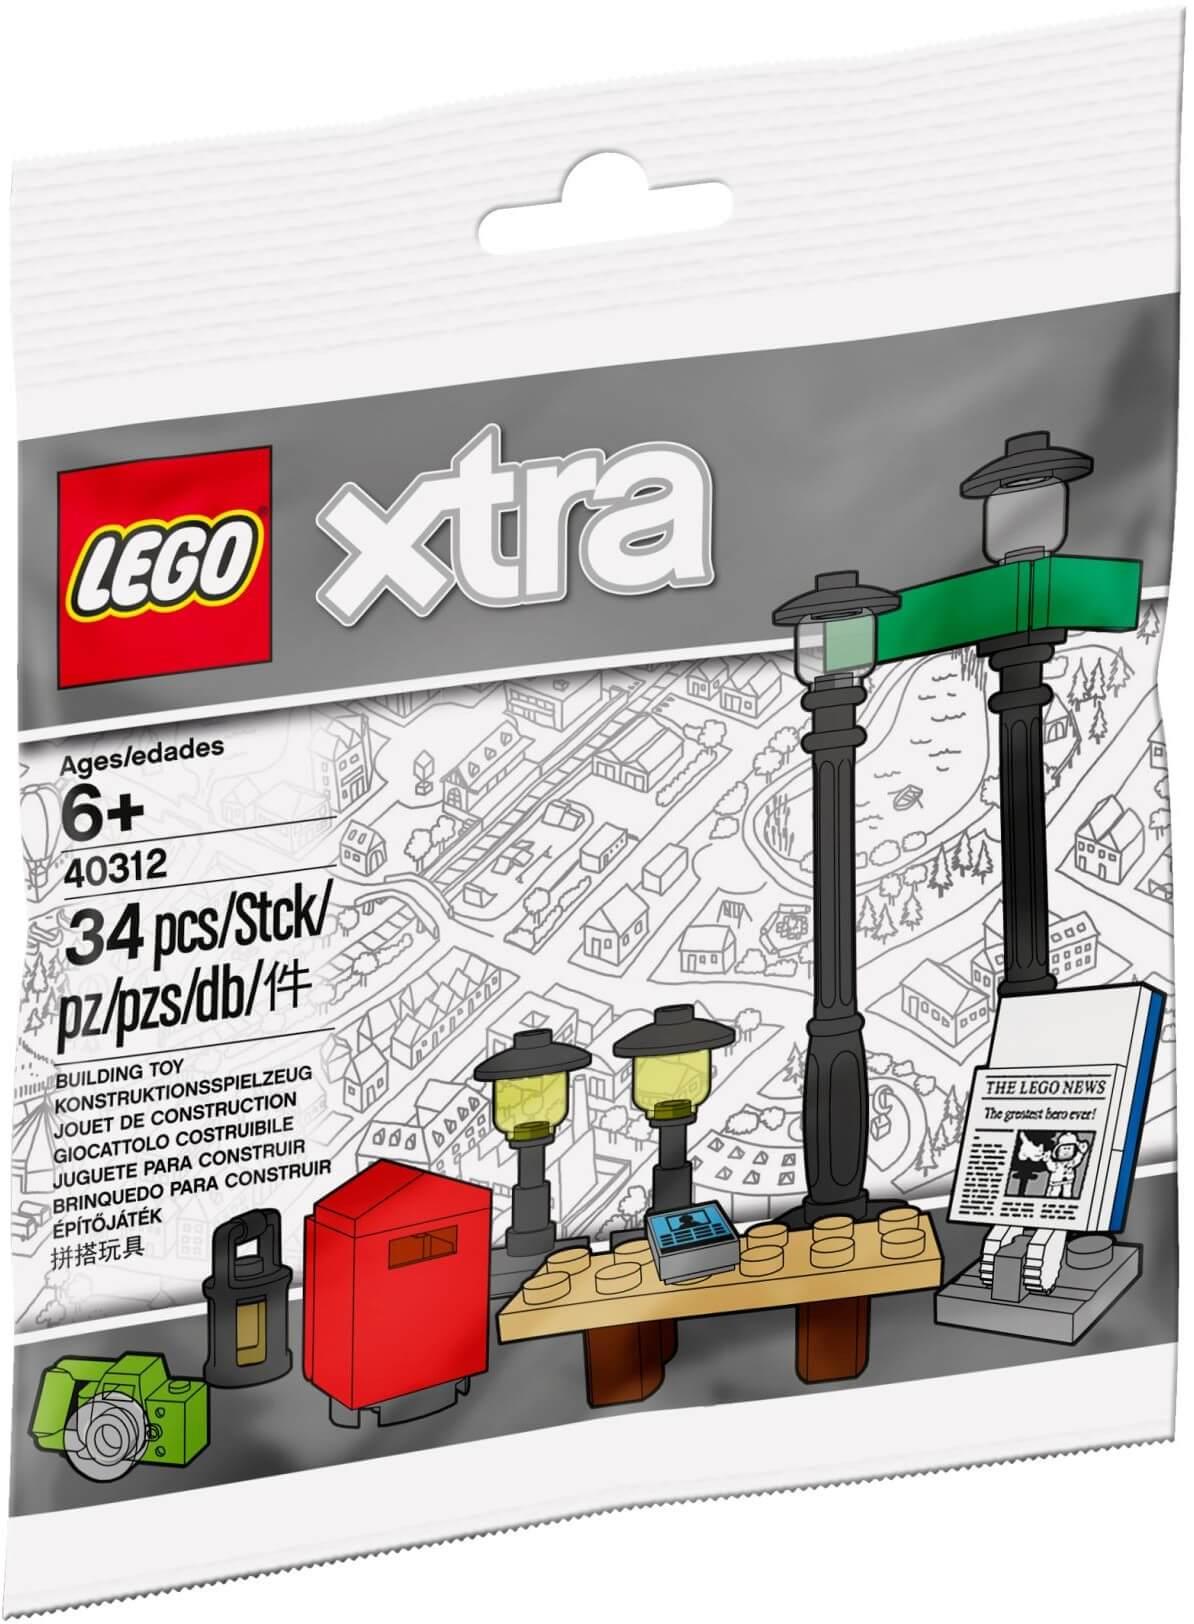 Mua đồ chơi LEGO 40312 - LEGO City 40312 - Bộ Xếp hình Đèn Đường (LEGO 40312 Streetlamps)